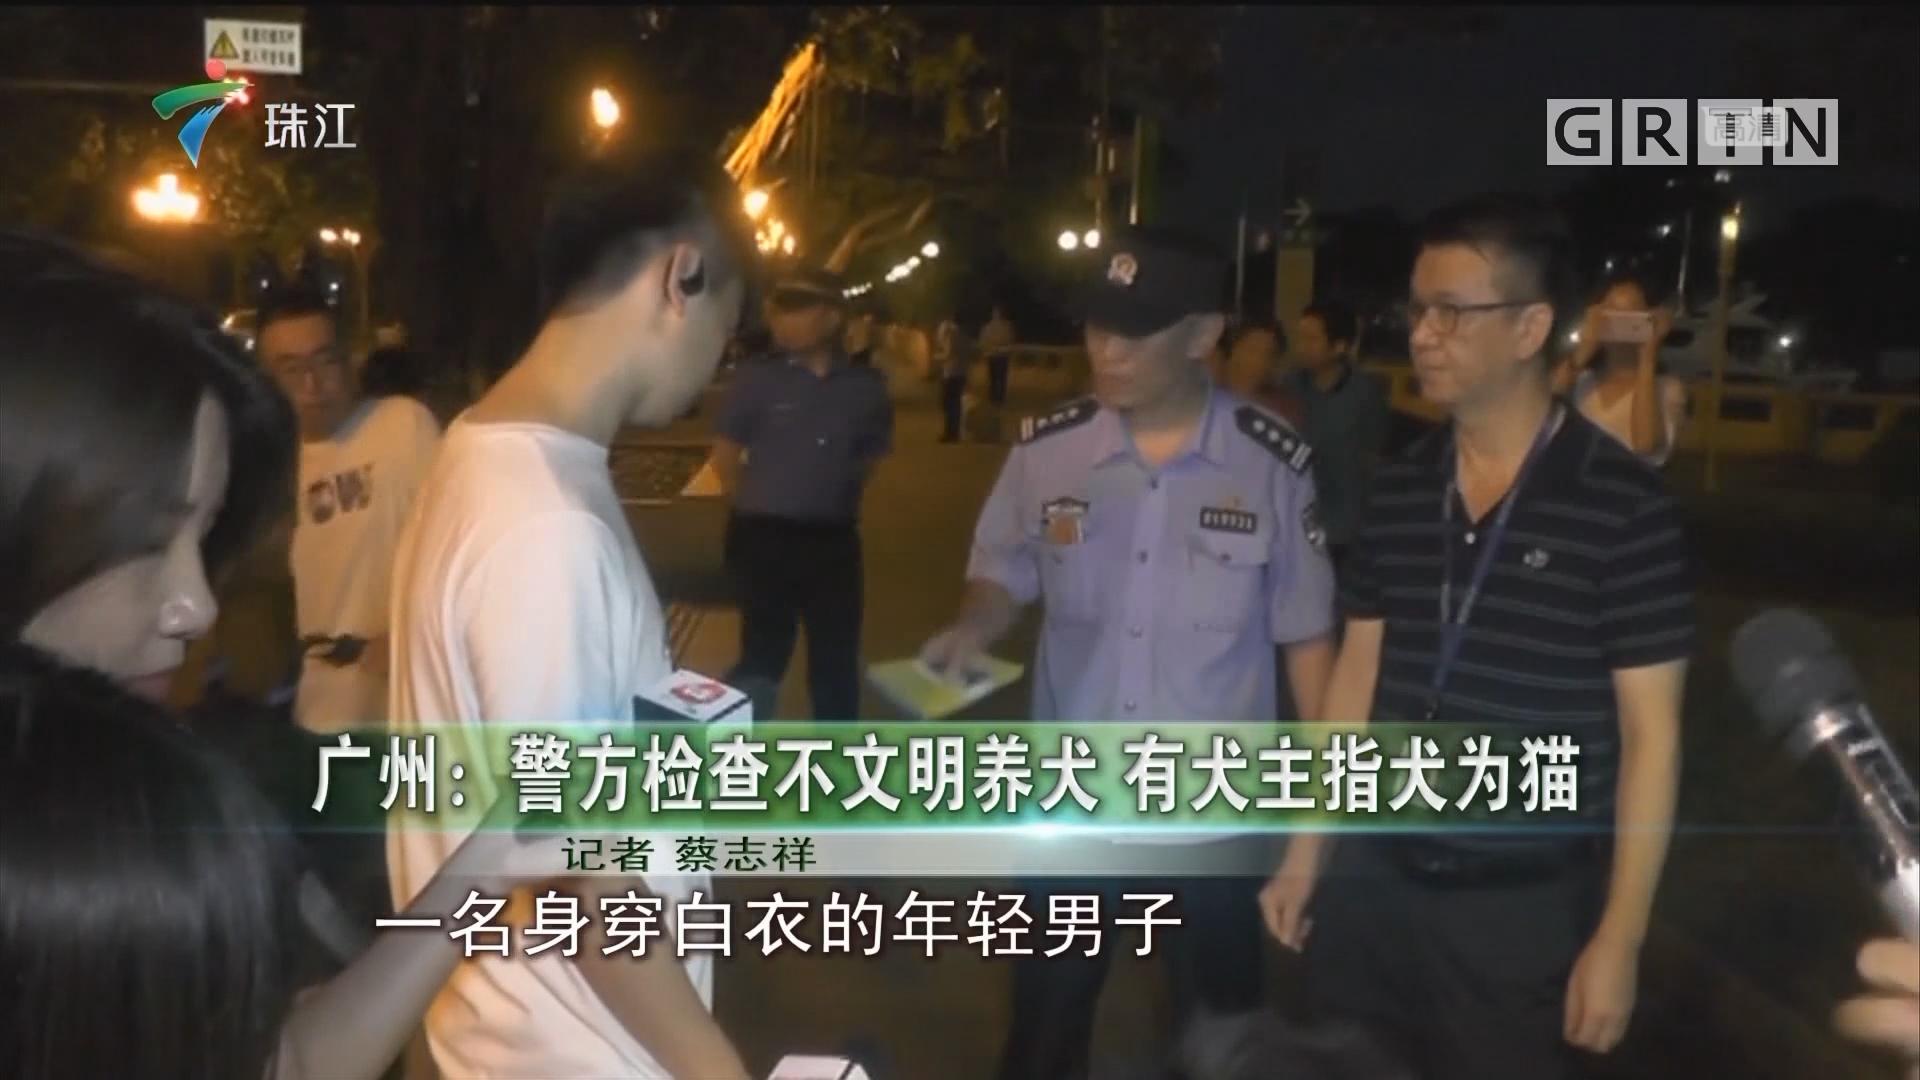 广州:警方检查不文明养犬 有犬主指犬为猫